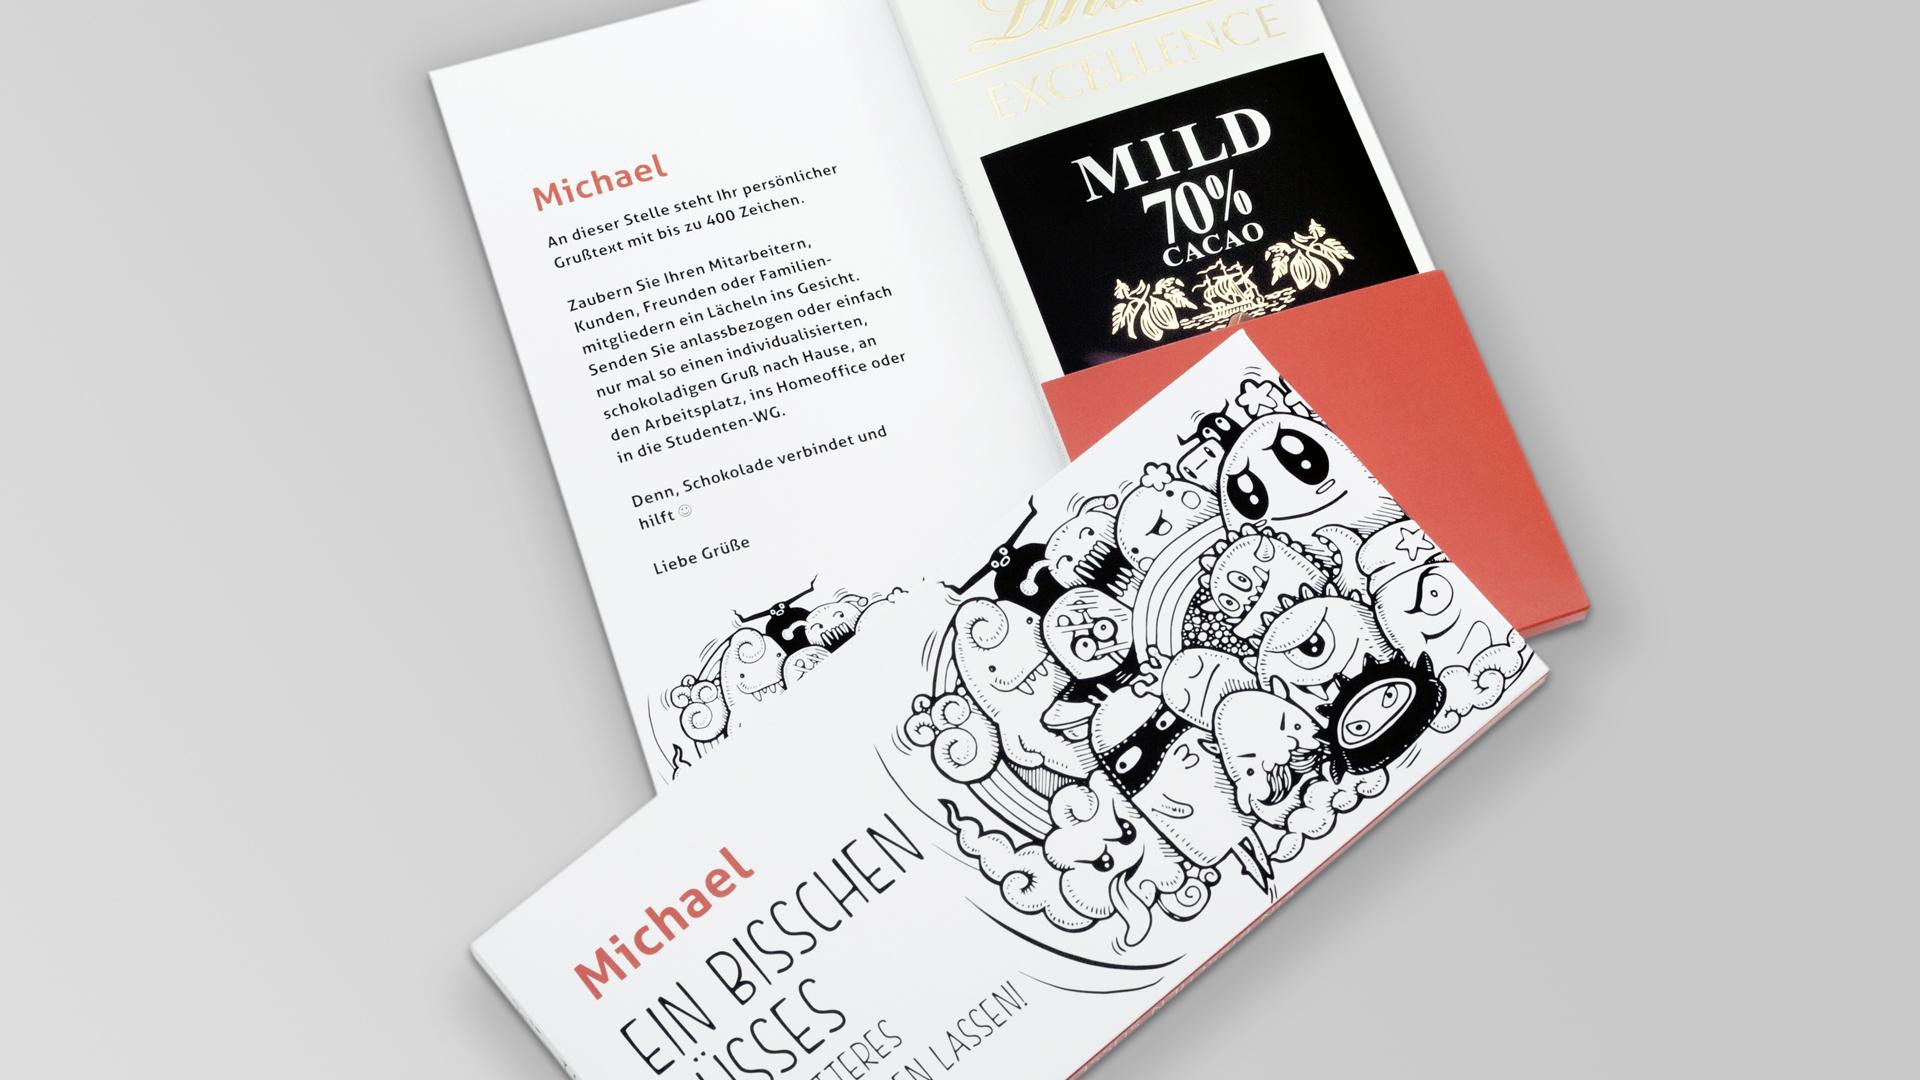 Design Onlineshop - Der neue E-Shop für personalisierte Schokoladenmailings mit individuellem Grußtext ab einem Exemplar, Mailing